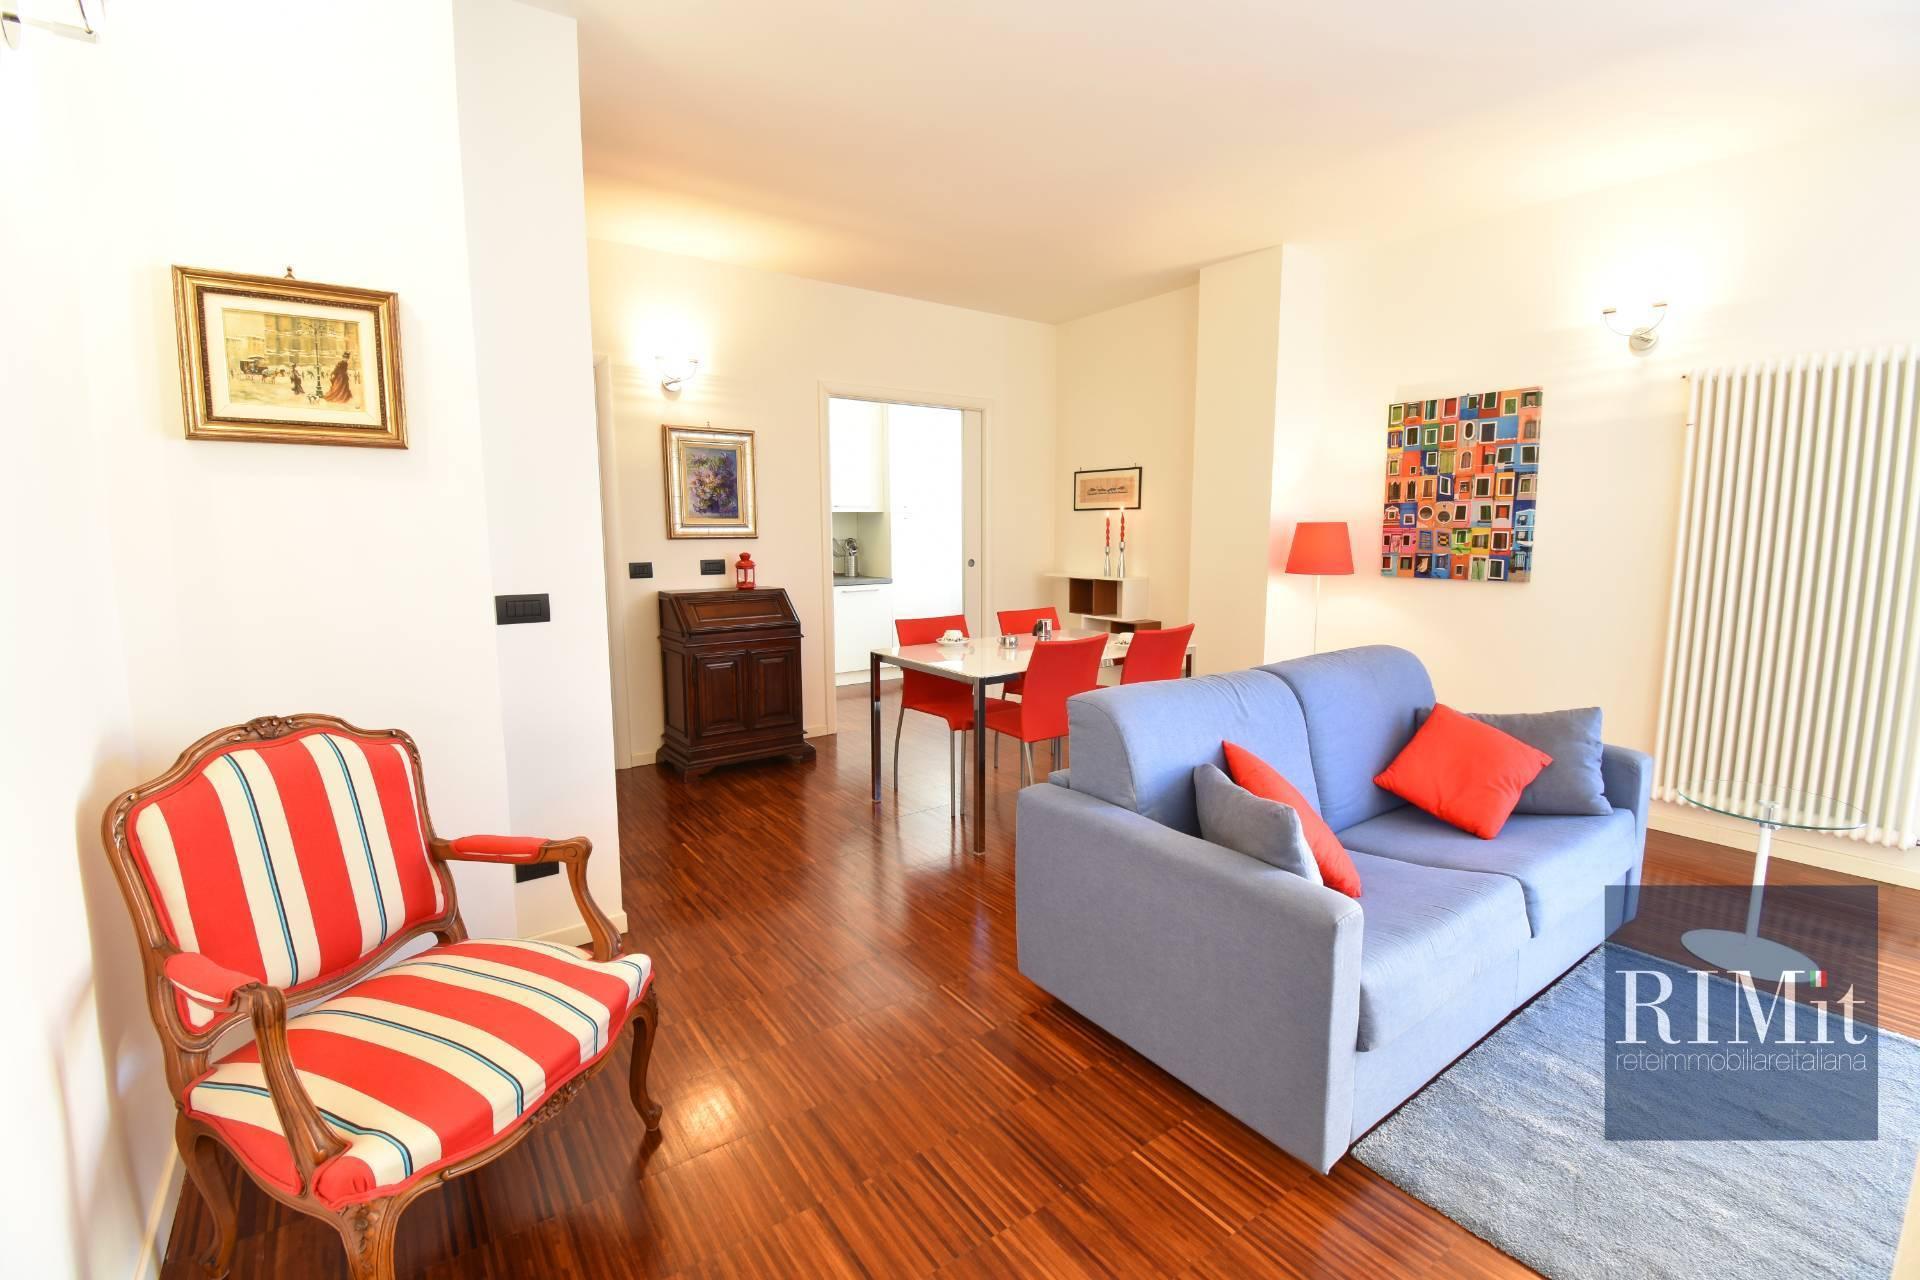 Appartamento in affitto a Celle Ligure, 2 locali, zona Località: PianidiCelle, prezzo € 900 | PortaleAgenzieImmobiliari.it